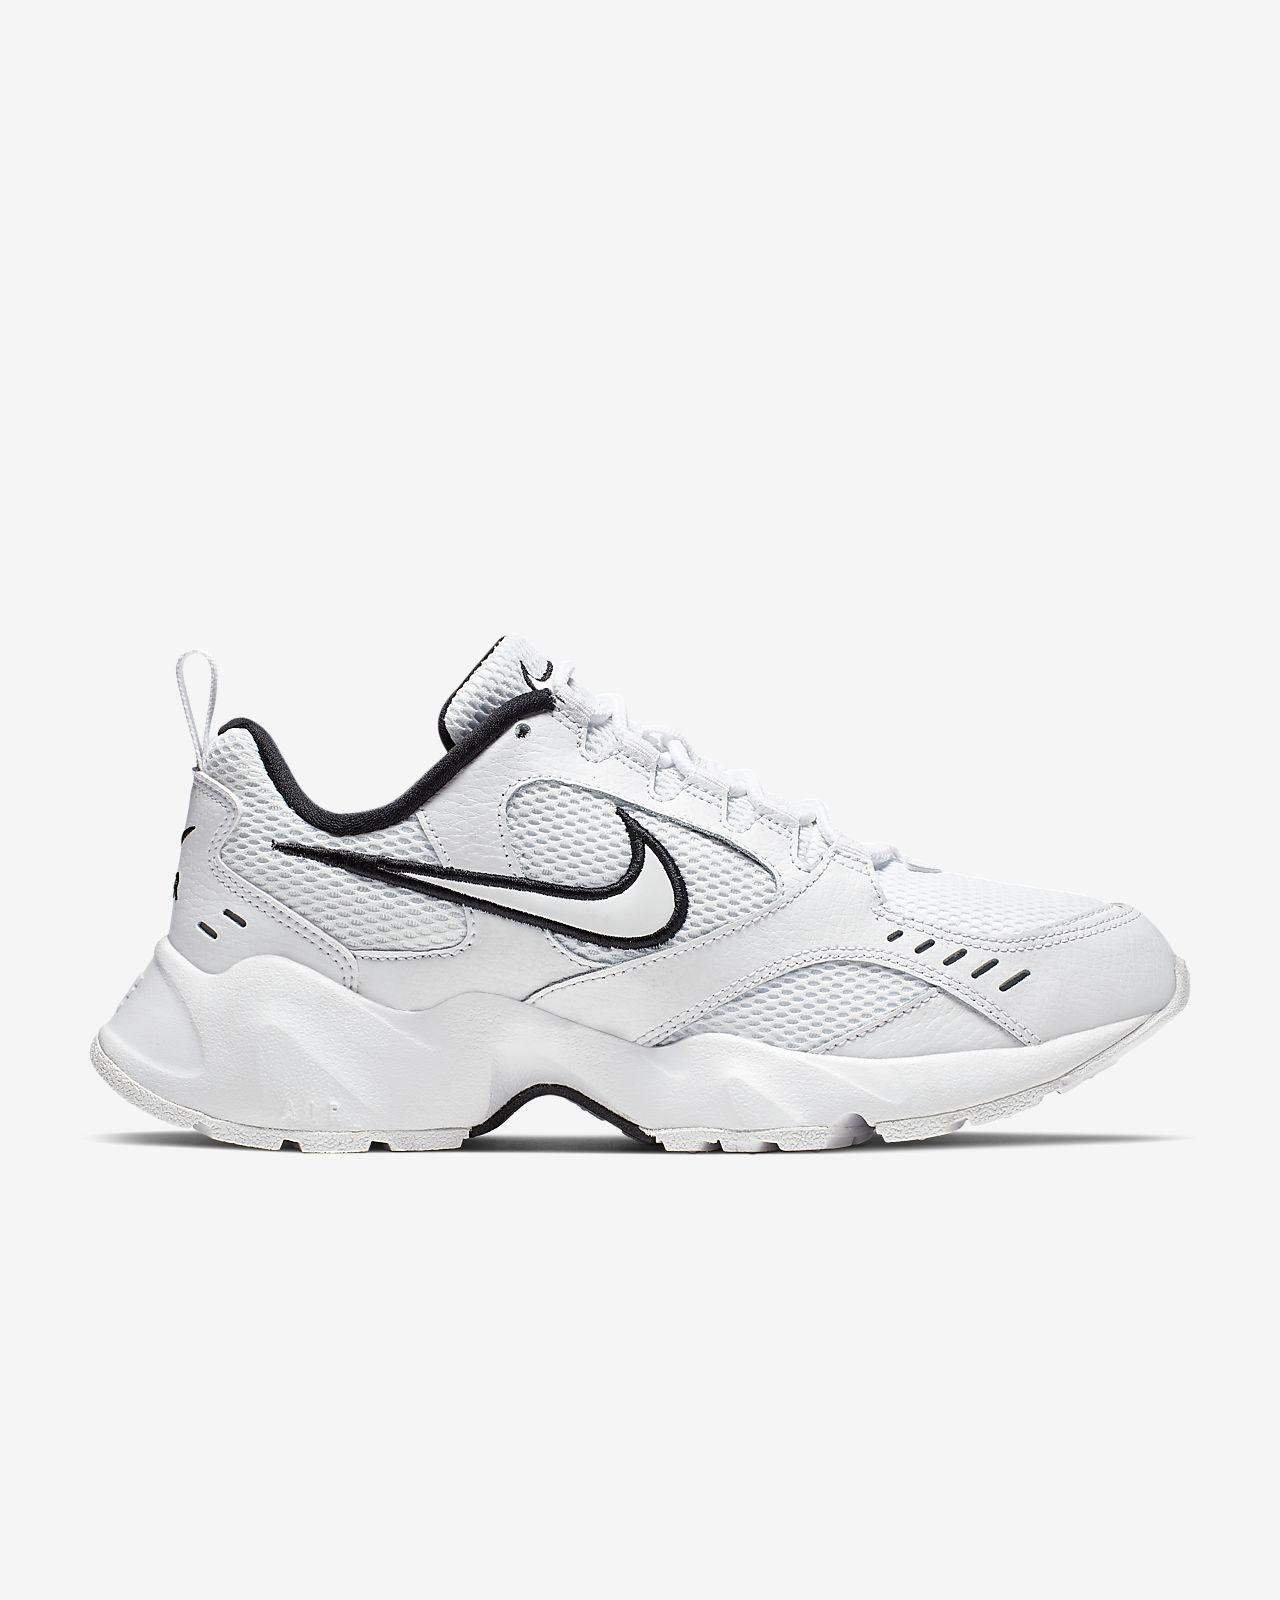 Nike Air Monarch IV utcaiedzőtermi cipő. Nike HU